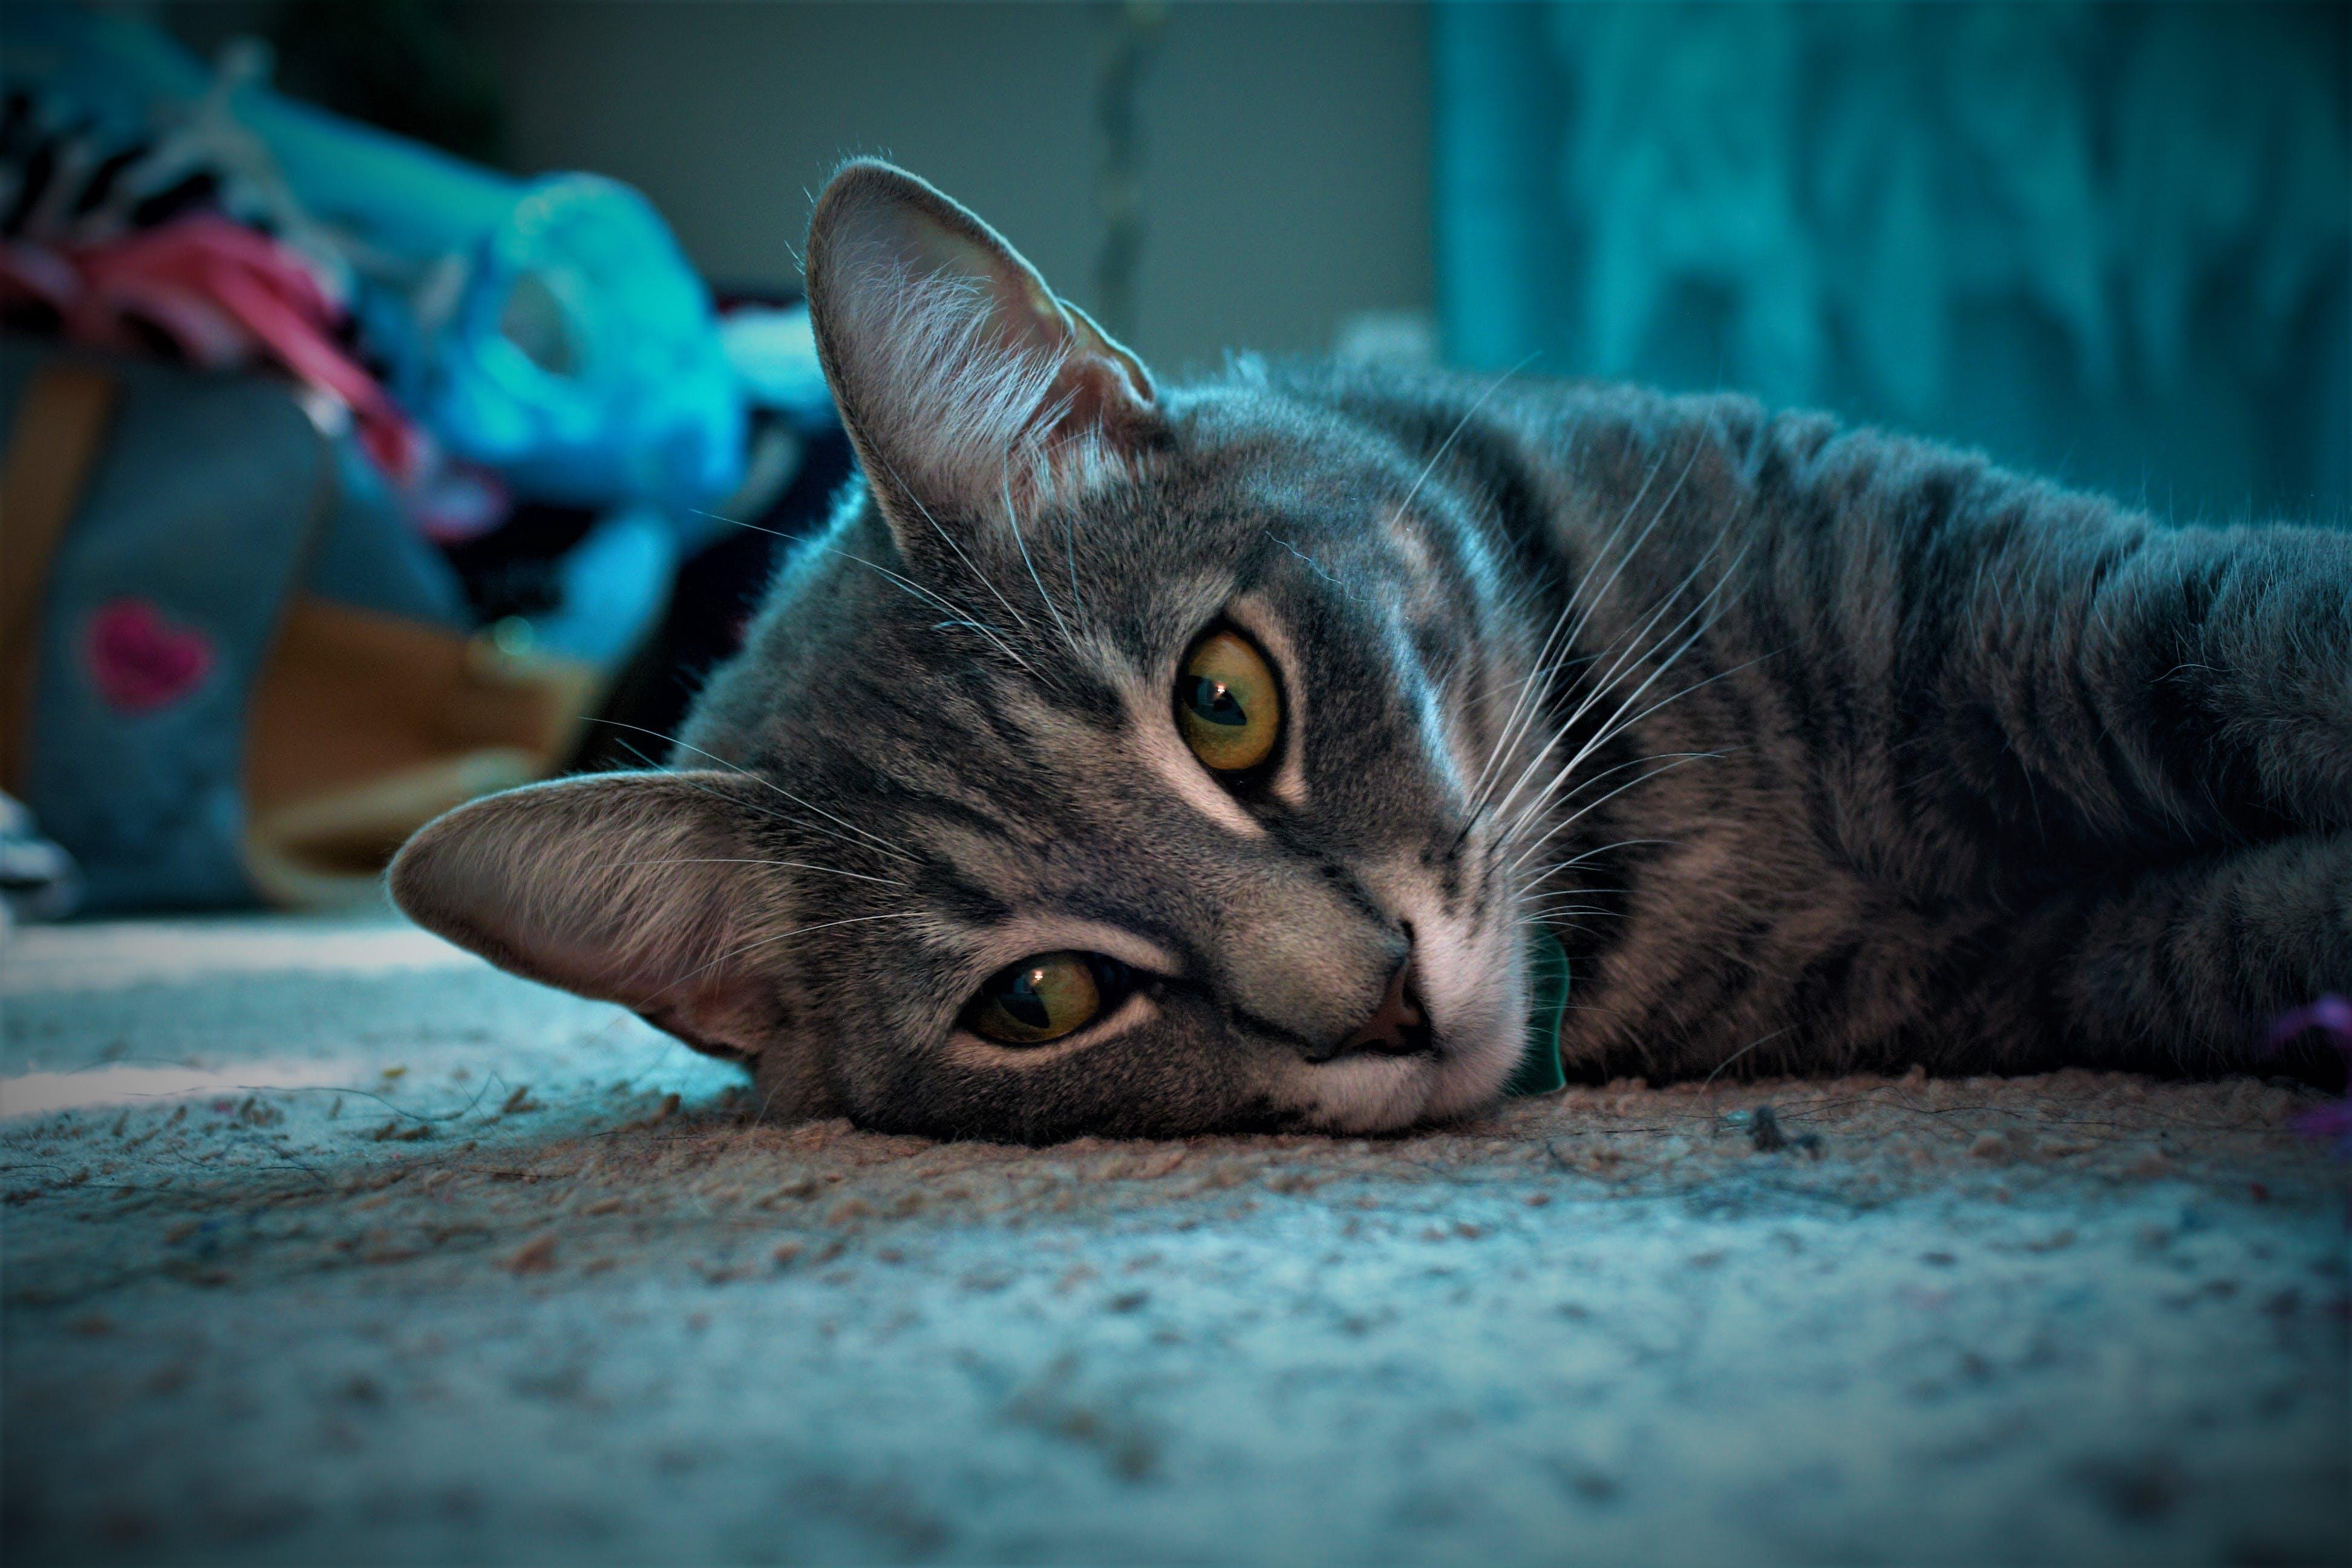 ひげ, ぶち, グレー, ネコの無料の写真素材